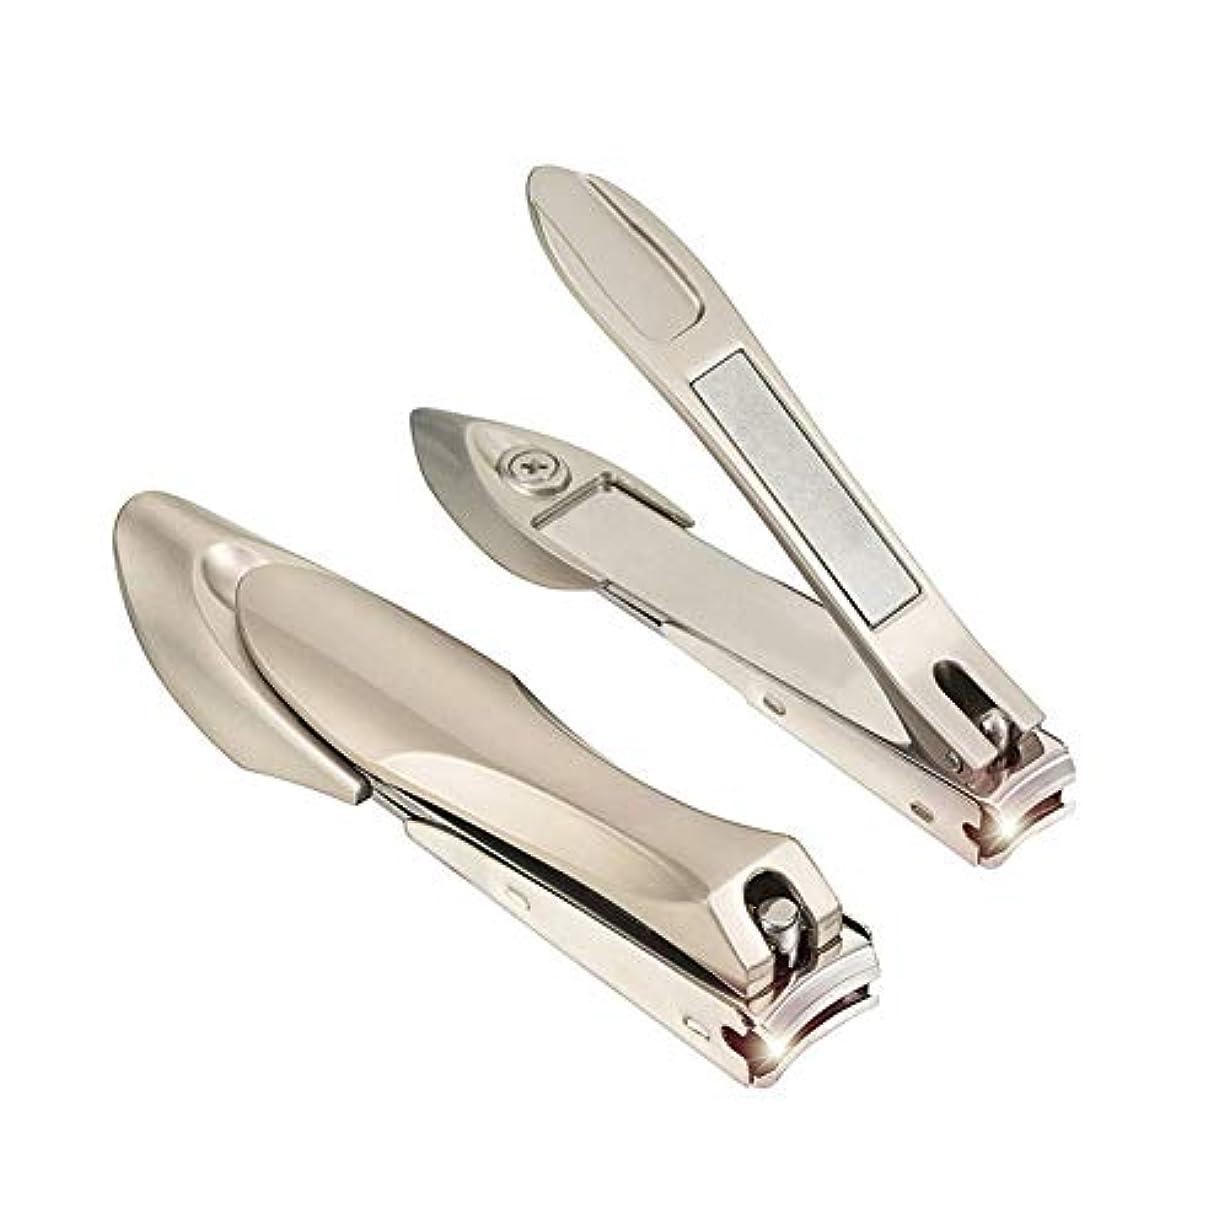 ハミングバード船上ディスコ爪切り と キャッチャー、 プロフェッショナル ステンレス鋼 アンチスプラッシュ 爪 そして 足の爪 クリッパー カッター、 トリマーセット ために 男性 そして 女性たち